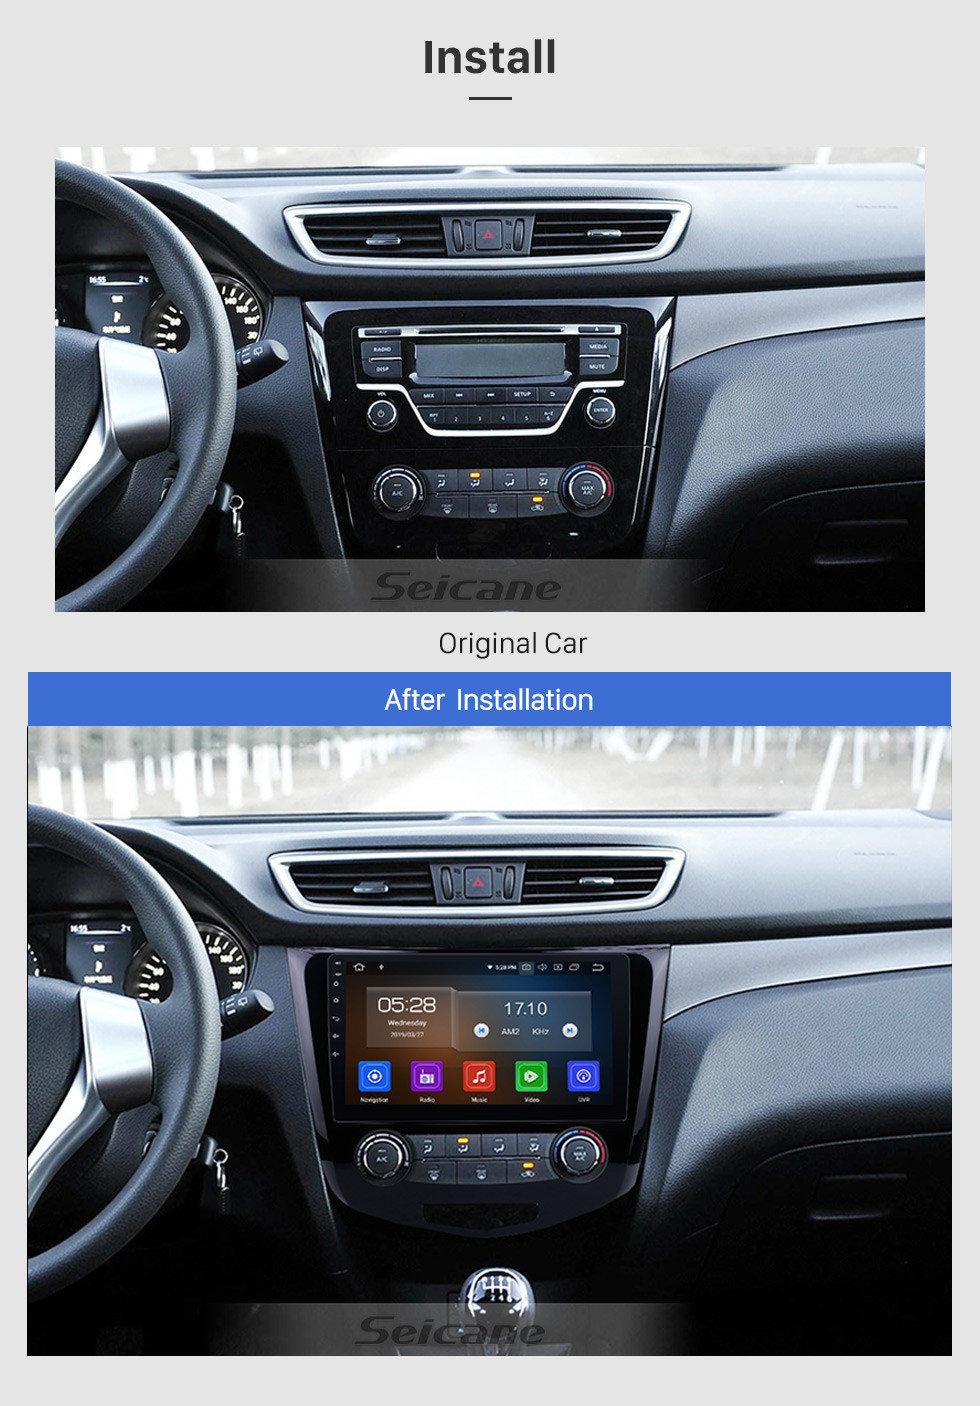 Seicane 10,1 polegadas hd touchscreen gps sistema de navegação de rádio android 9.0 para 2014 2015 2016 nissan qashqai suporte Bluetooth música ODB2 DVR espelho link TPMS controle de volante